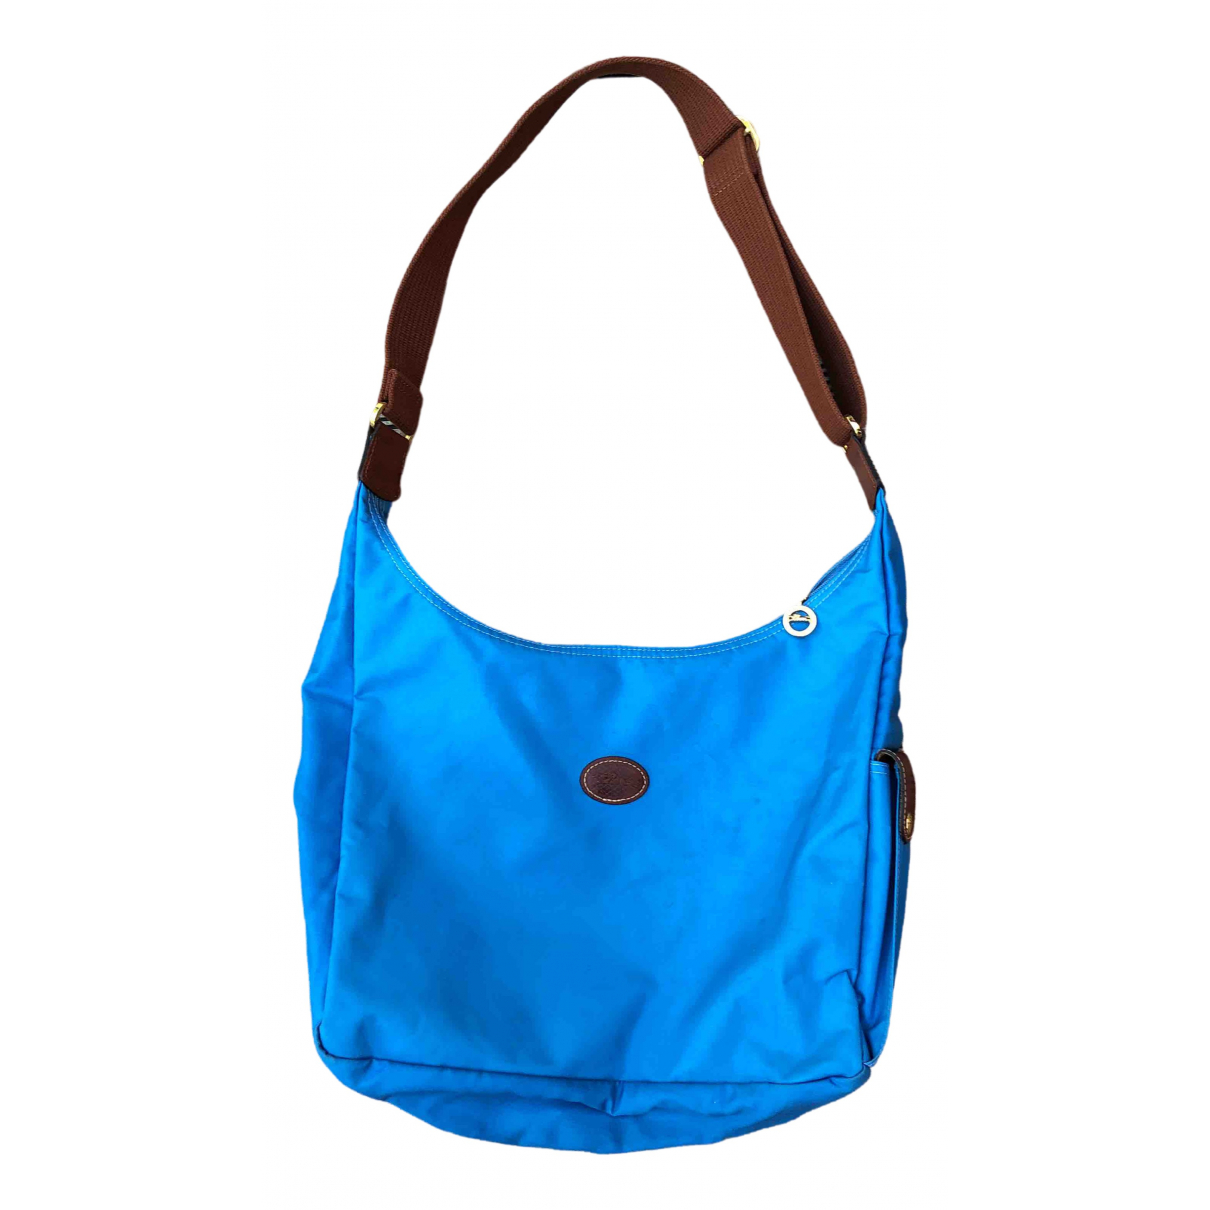 Longchamp \N Blue Leather handbag for Women \N